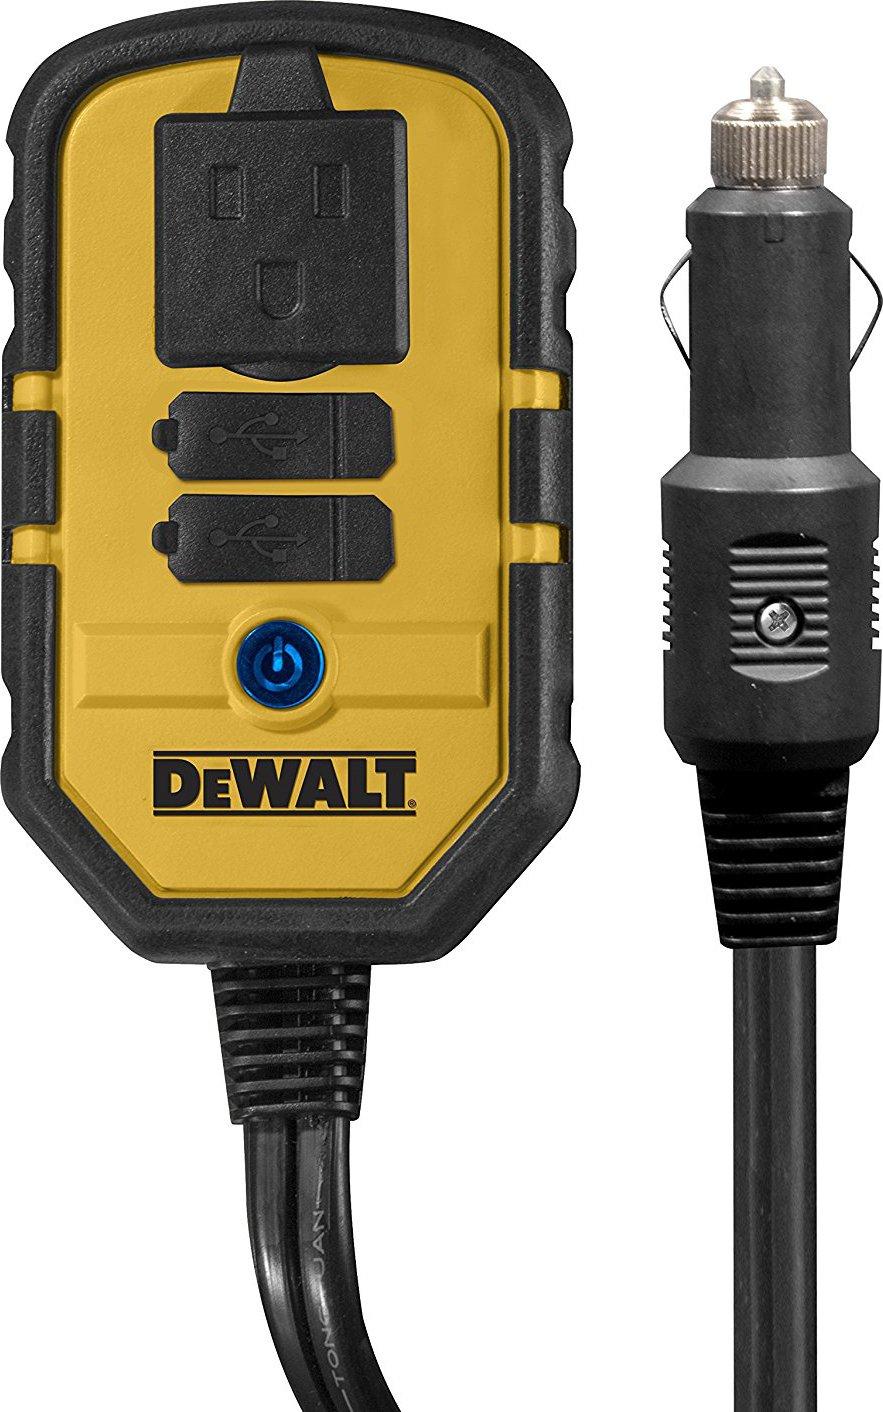 DEWALT DXAEPI140 Power Inverter 140W Car Converter: 12V DC to 120V AC Power Outlet with Dual 3.1A USB Ports by DEWALT